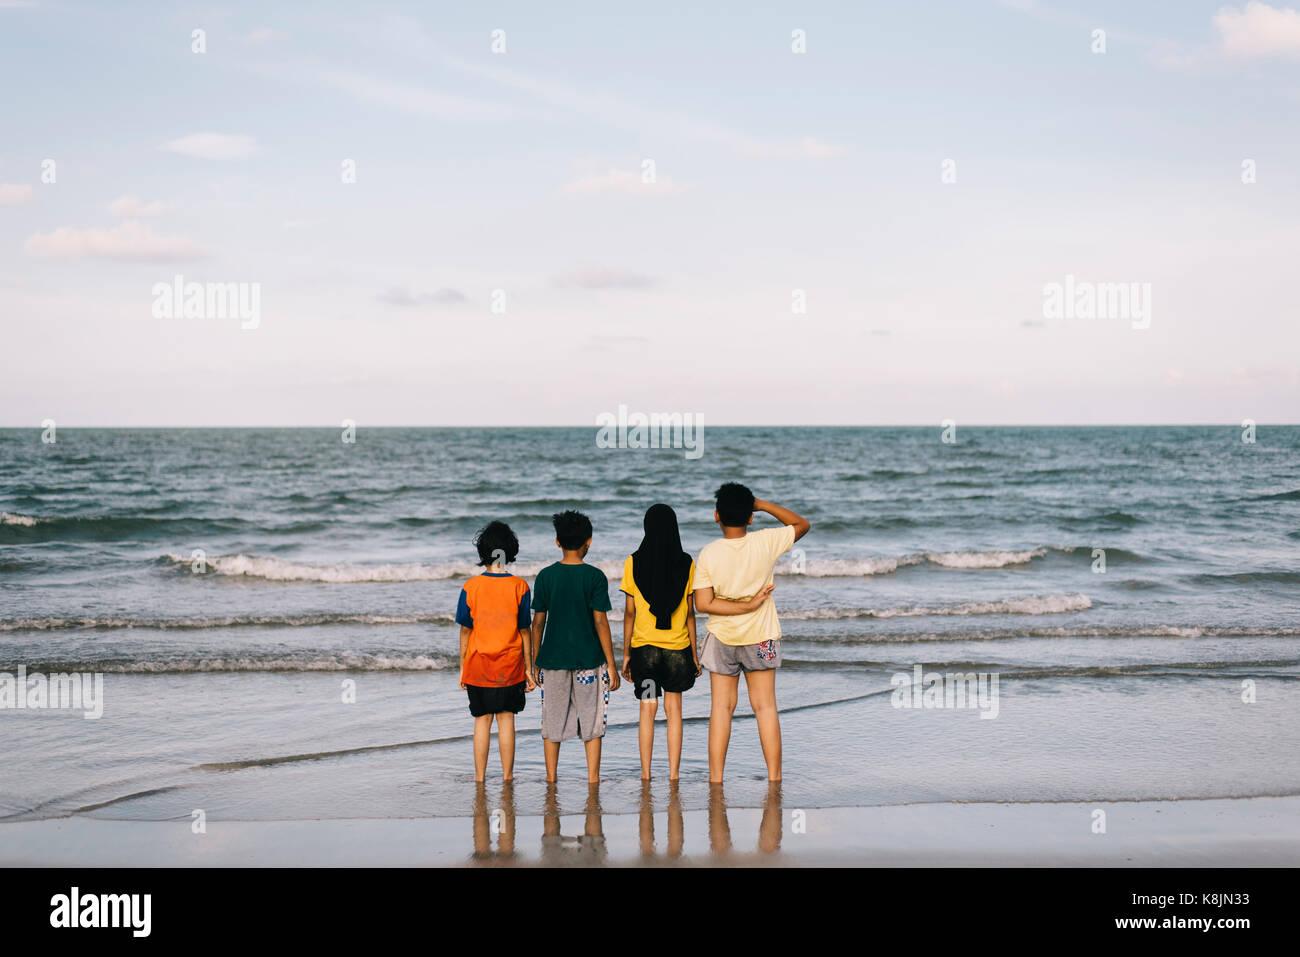 Les enfants debout à la plage offrant une vue sur la mer.amitié.concept concept concept.La maison de vacances Photo Stock